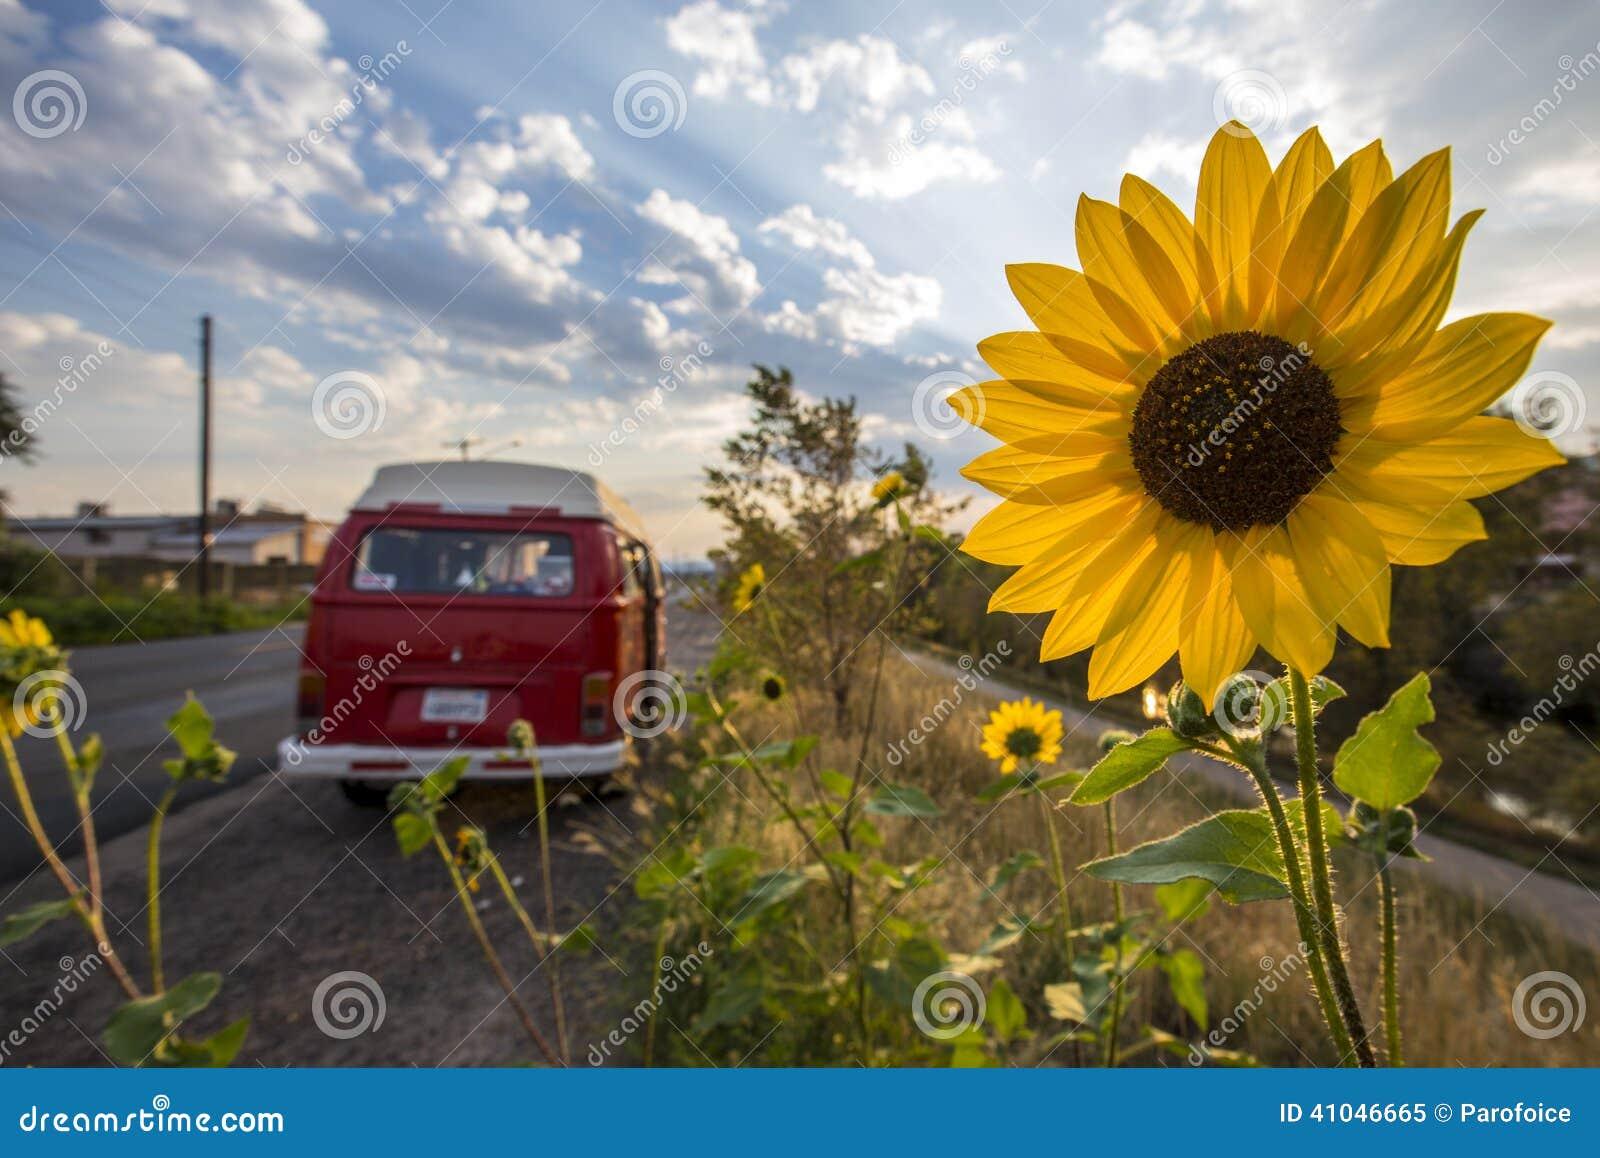 Sonnenblume und VW-Bus